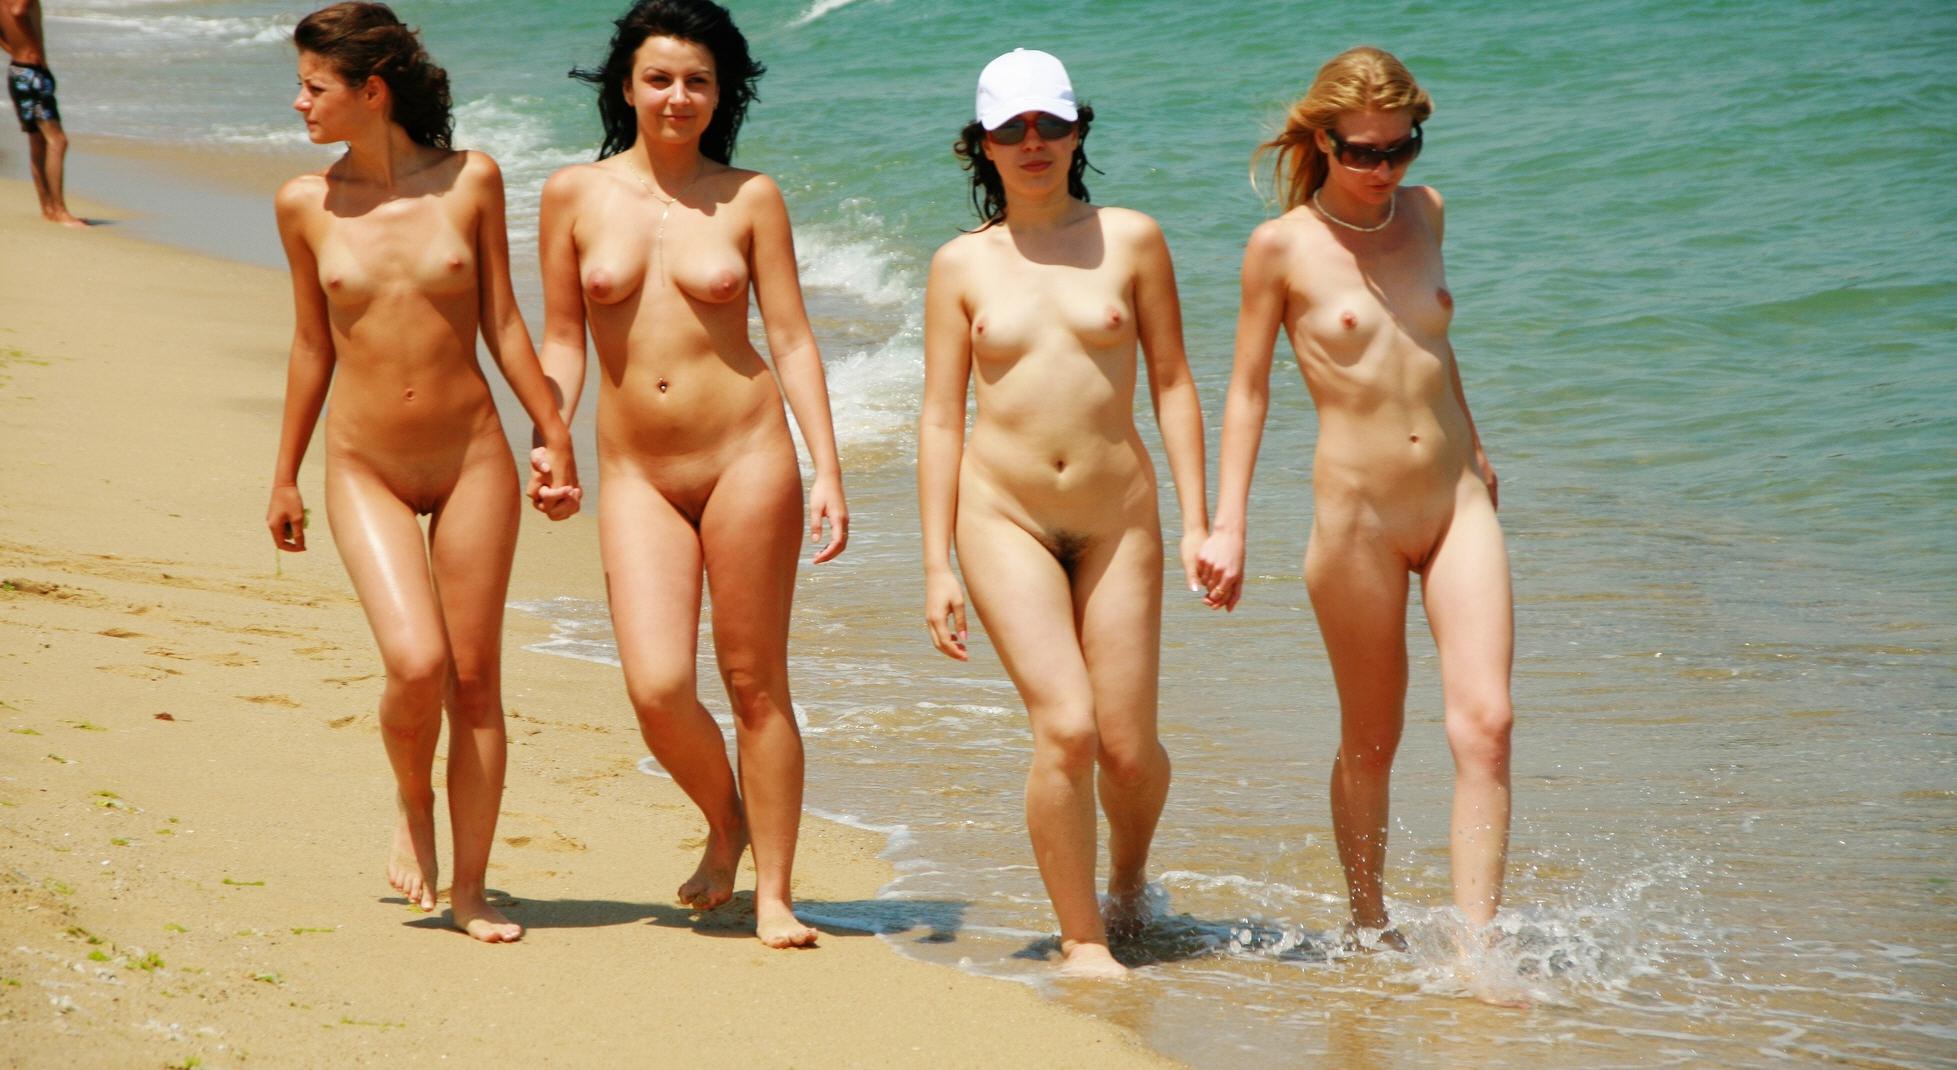 Семья на нудистском пляже фото 8 фотография